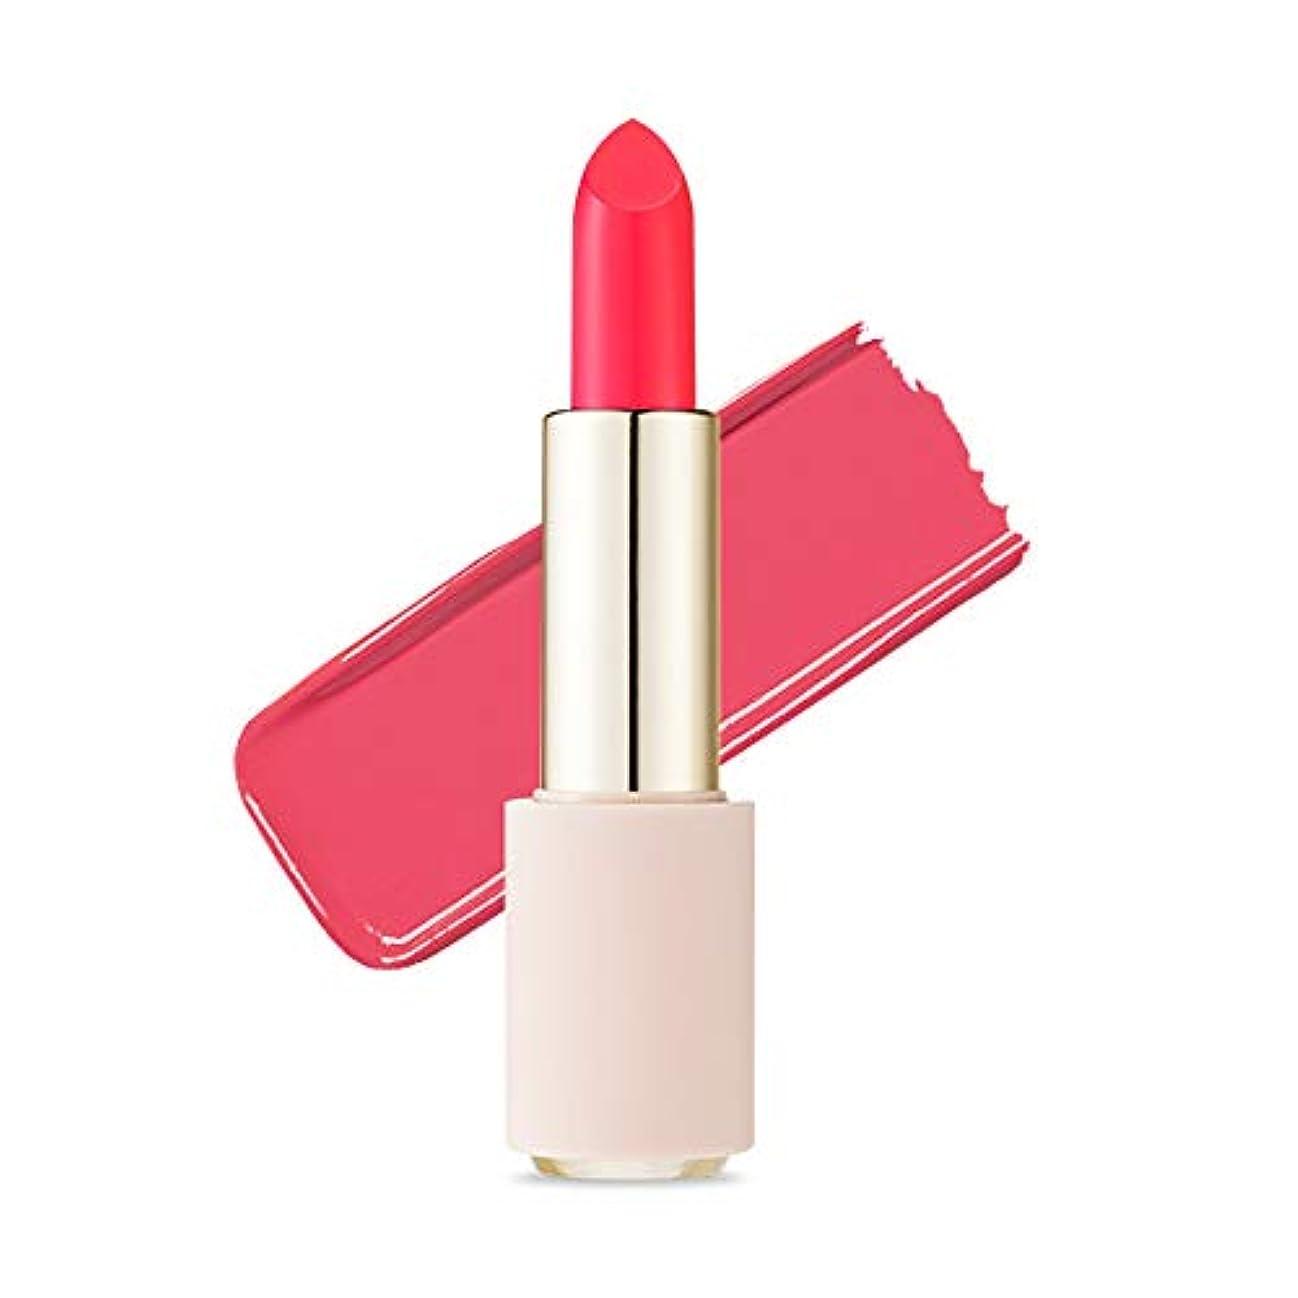 エスニック幻滅する地下室Etude House Better Lips Talk エチュードハウス ベター リップス - トーク (# PK007 Flamingo Land) [並行輸入品]